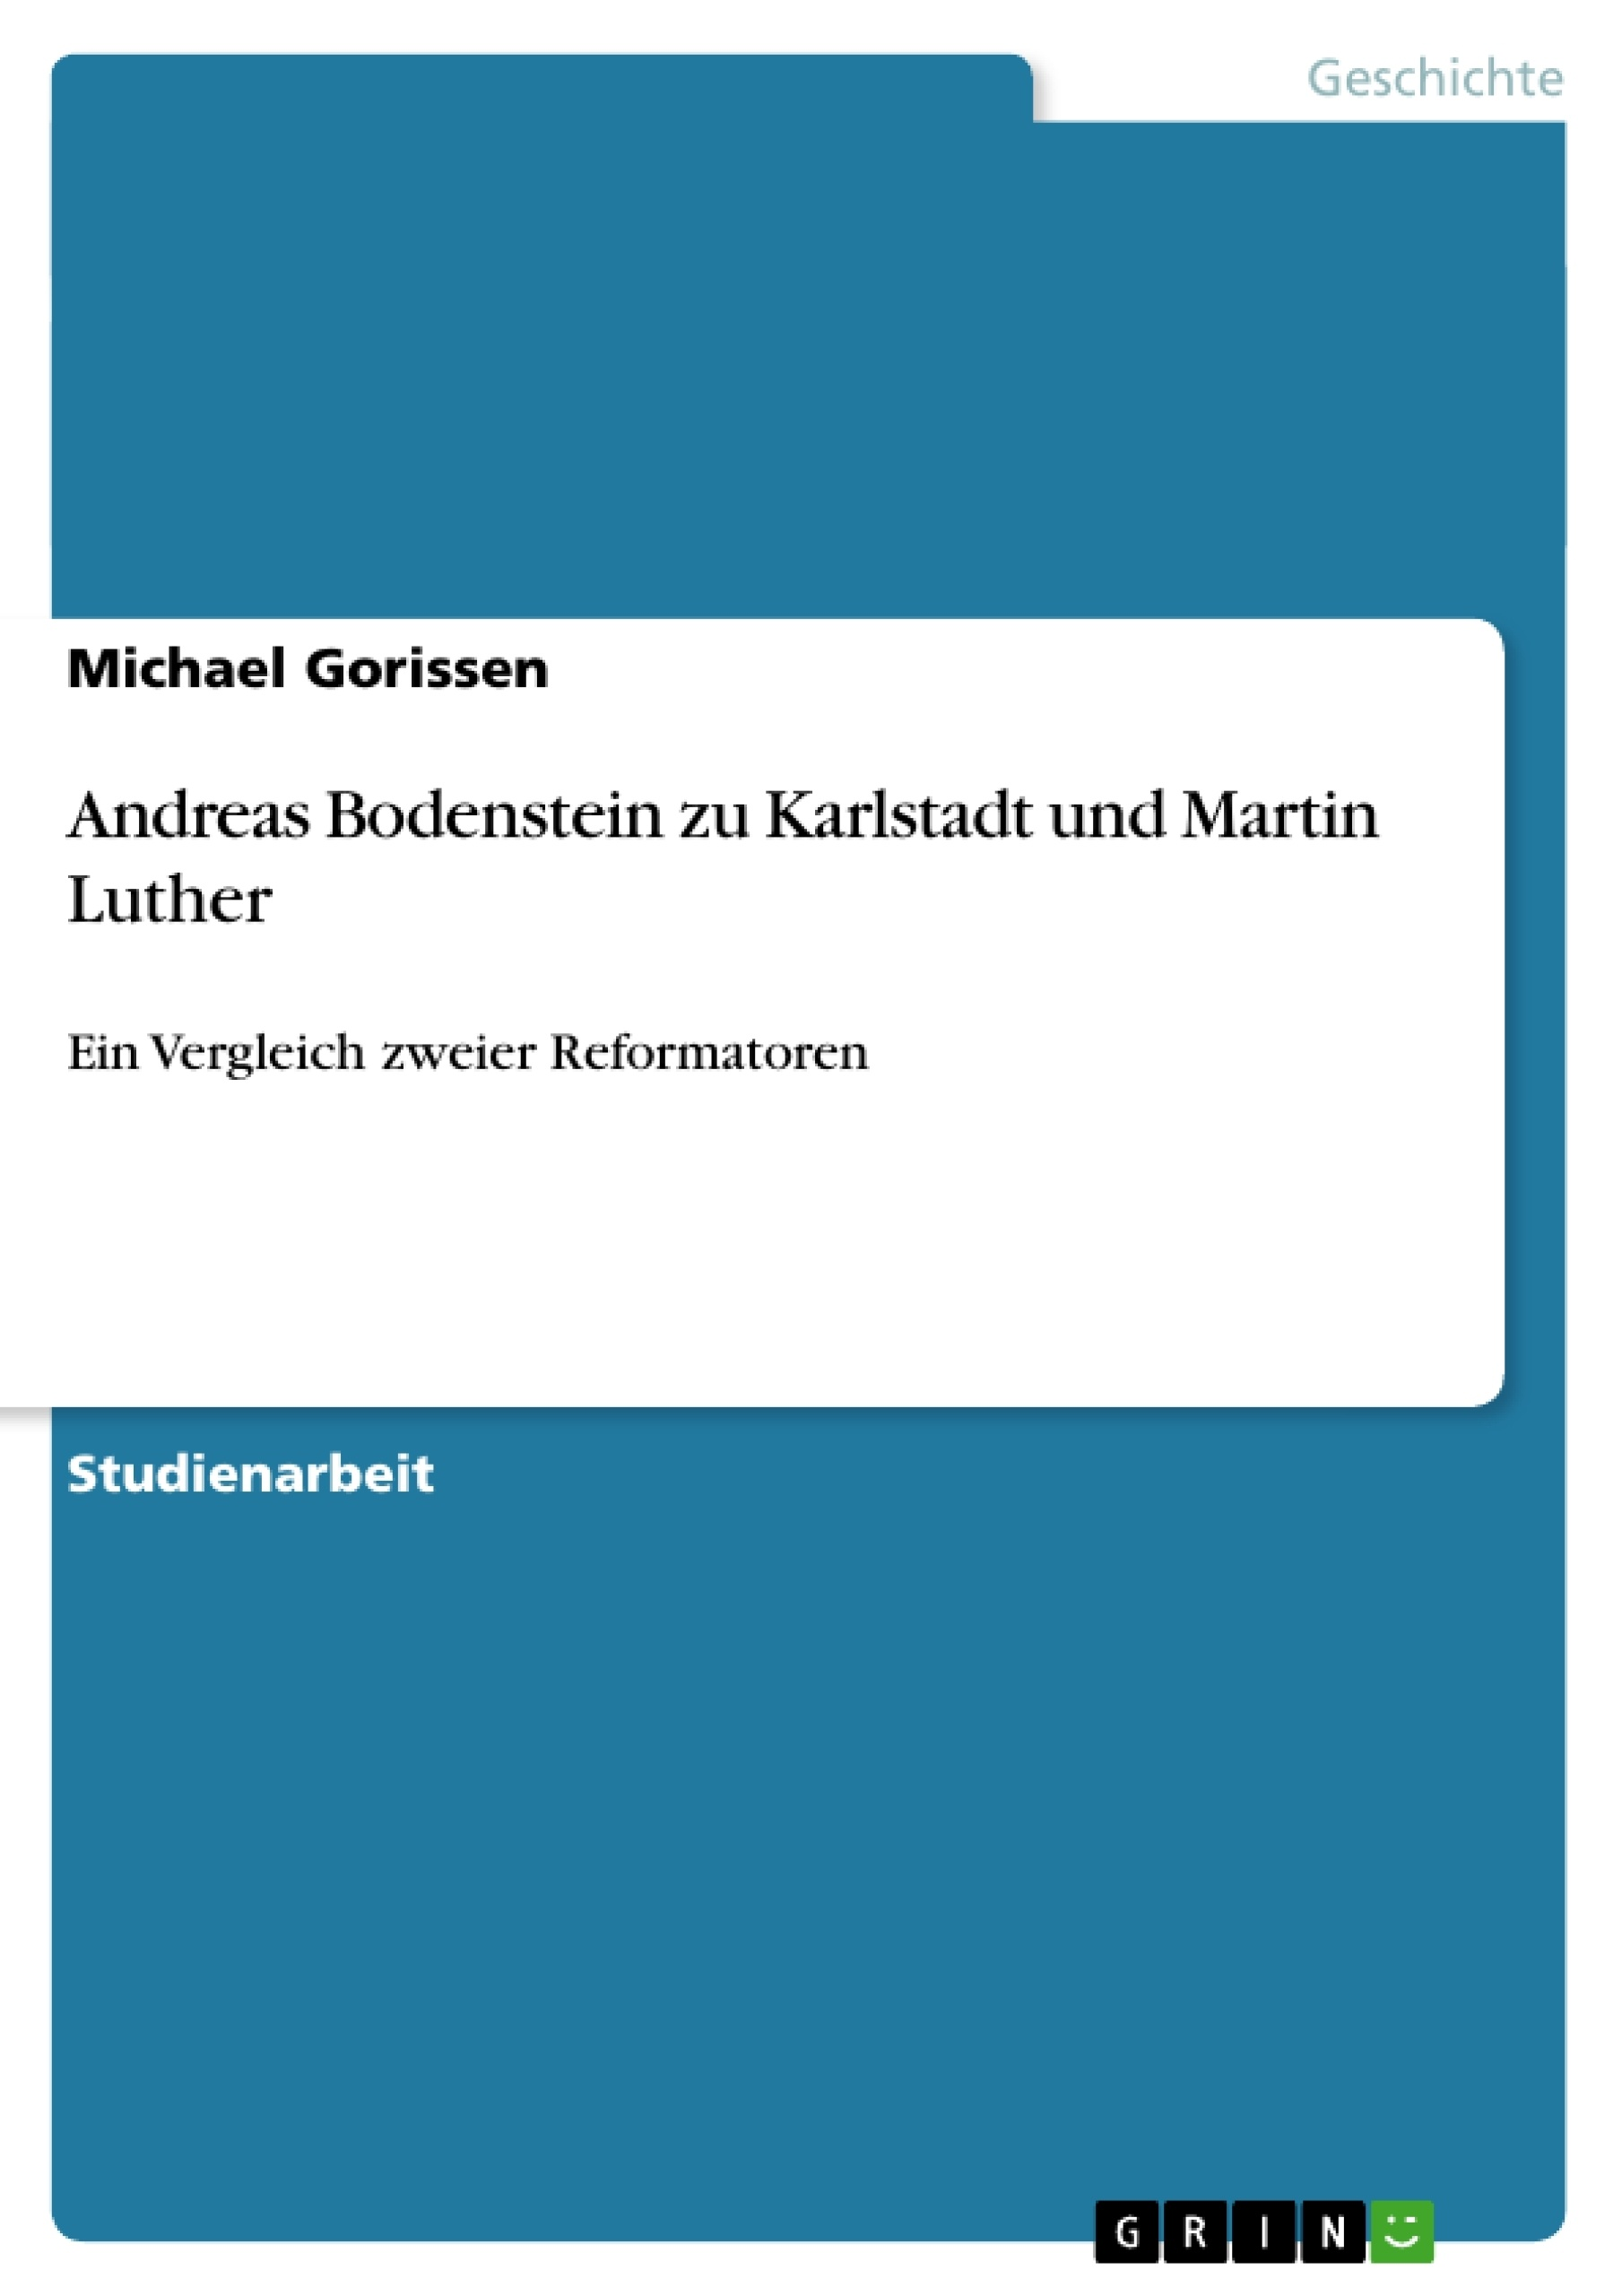 Titel: Andreas Bodenstein zu Karlstadt und Martin Luther